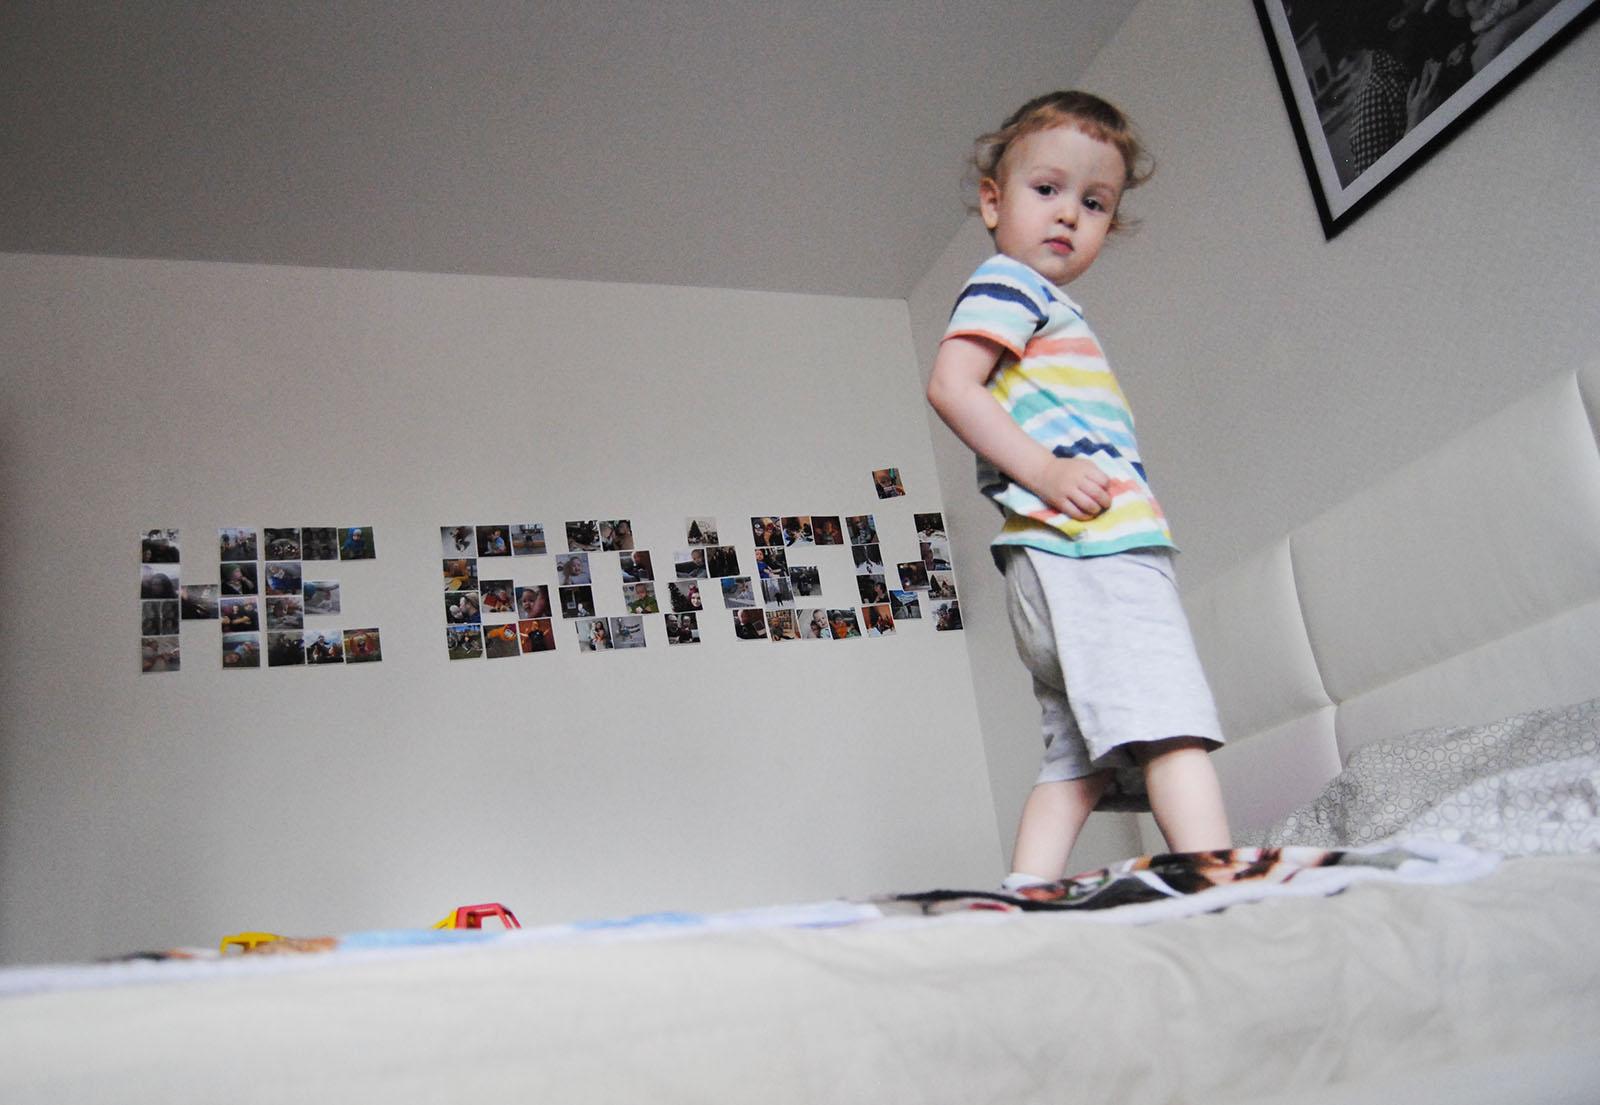 Фото на стене в виде слова